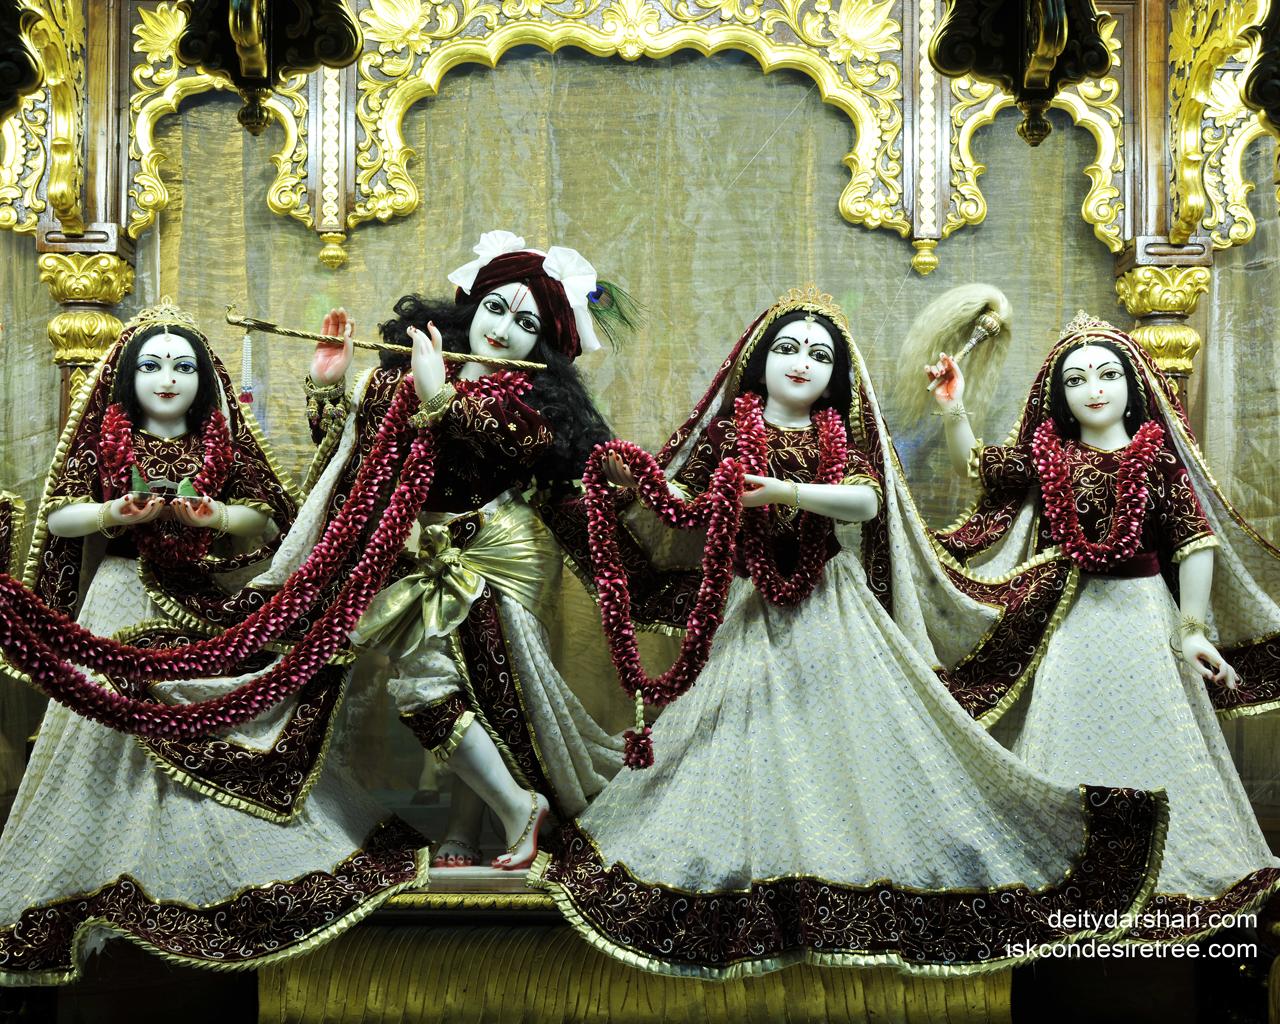 Sri Sri Radha Gopinath Lalita Vishakha Wallpaper (035) Size 1280x1024 Download